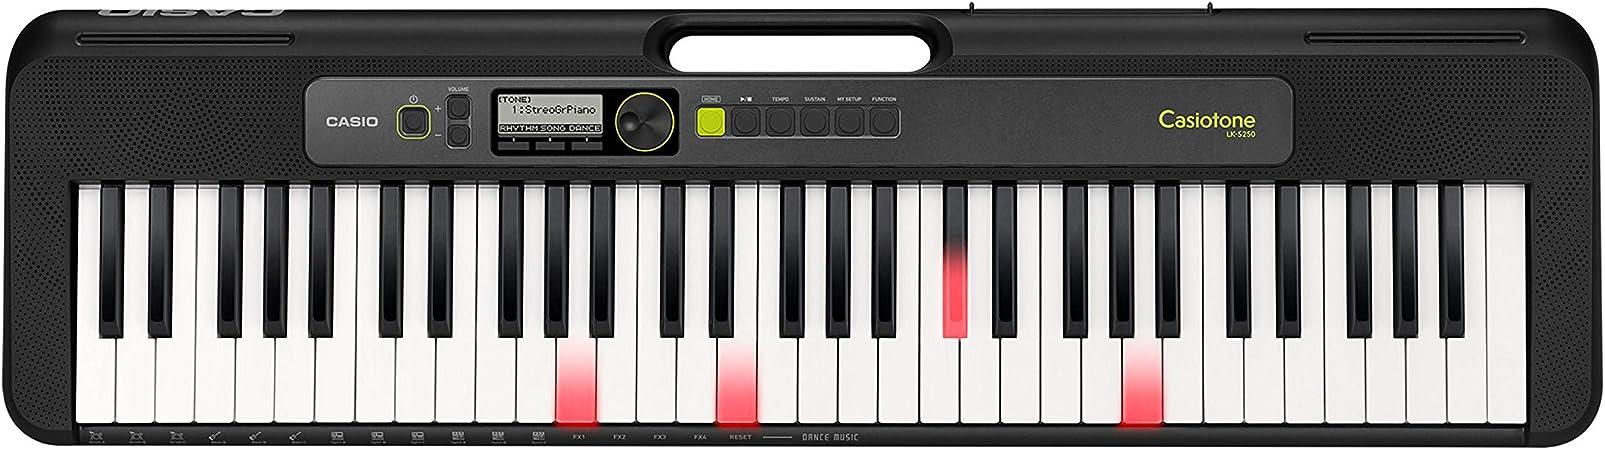 Casio LK-S250 - Teclado de piano: Amazon.es: Instrumentos musicales